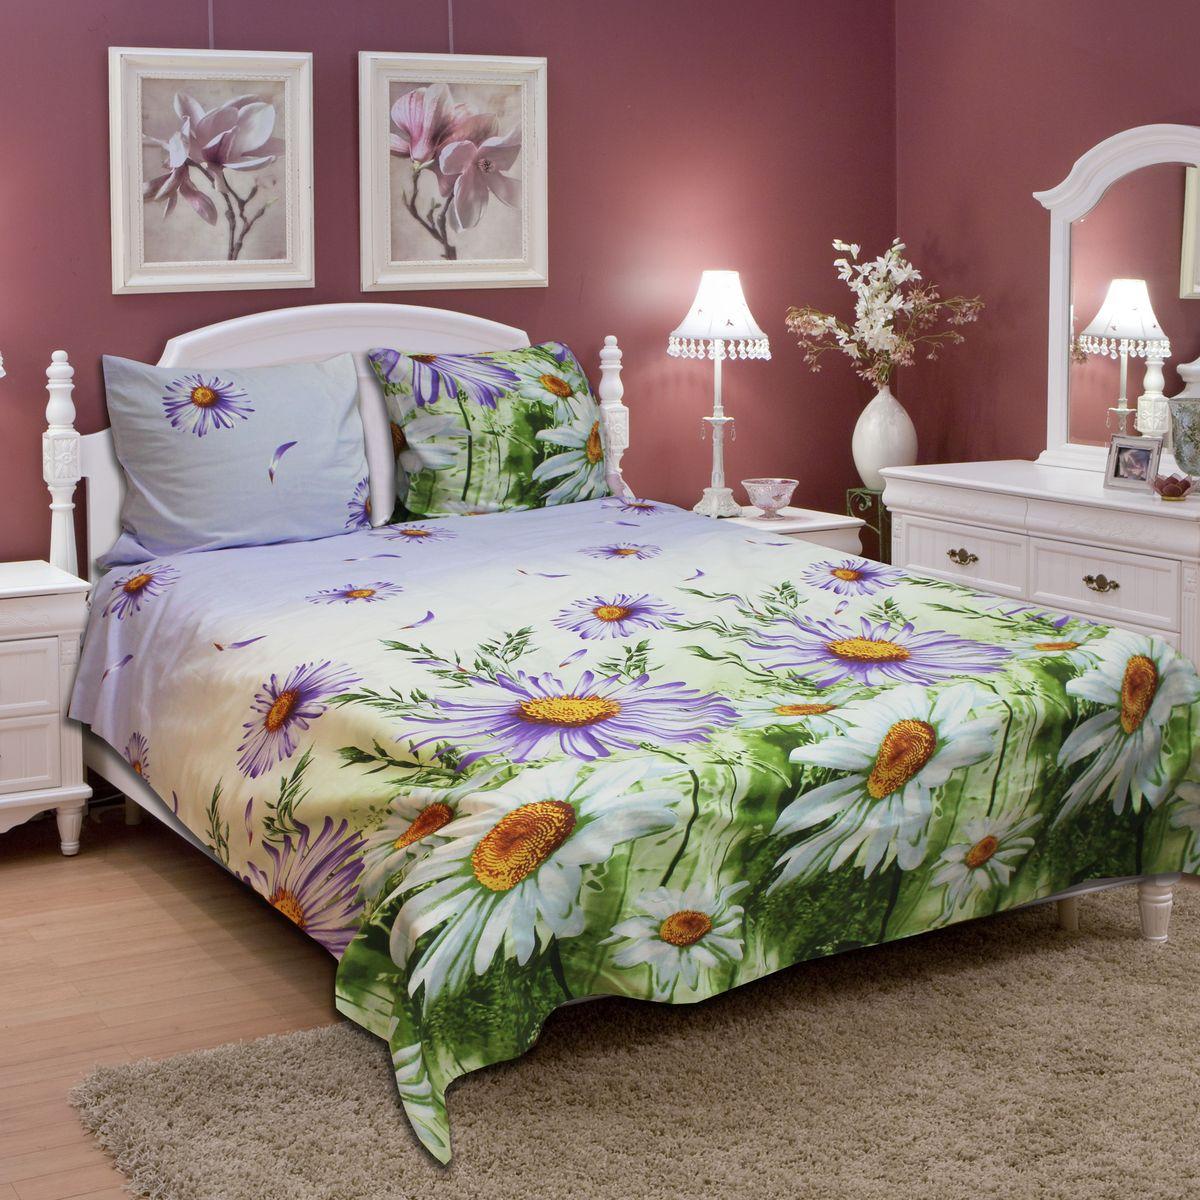 Комплект белья Amore Mio Excellent, 2-спальный, наволочки 70х7077720Постельное белье из бязи практично и долговечно, а самое главное - это 100% хлопок! Материал великолепно отводит влагу, отлично пропускает воздух, не капризен в уходе, легко стирается и гладится. Новая коллекция Naturel 3-D дизайнов позволит выбрать постельное белье на любой вкус!